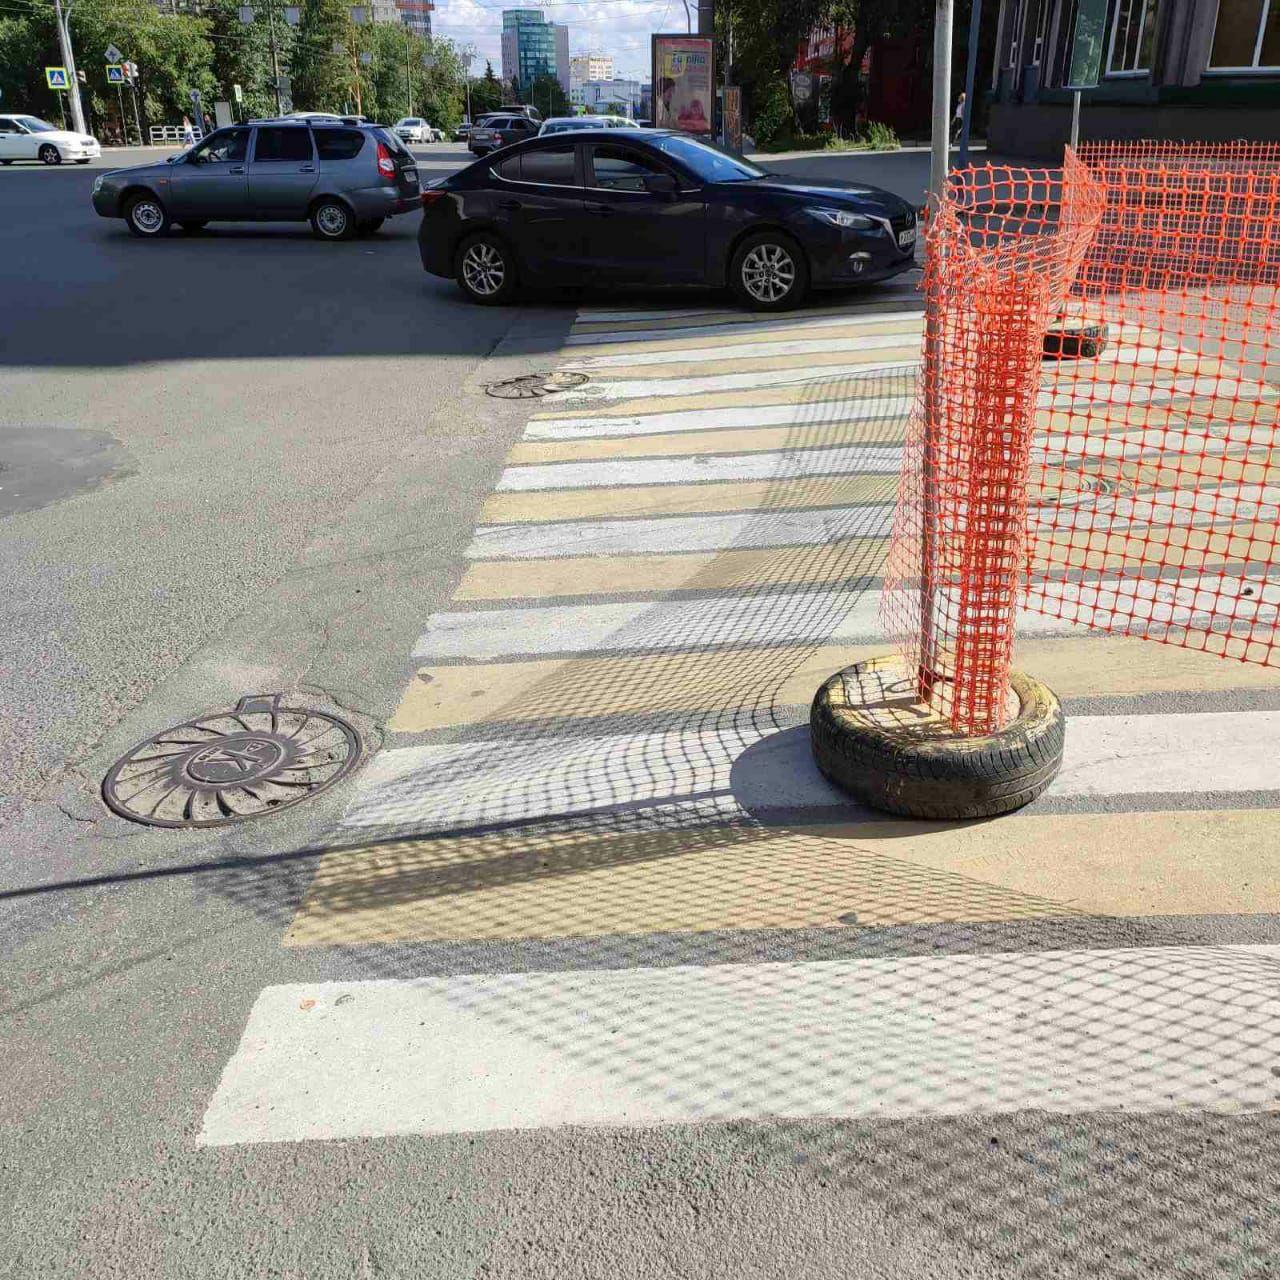 ВНИМАНИЕ. На перекрестке в центре Челябинска ограничили движение